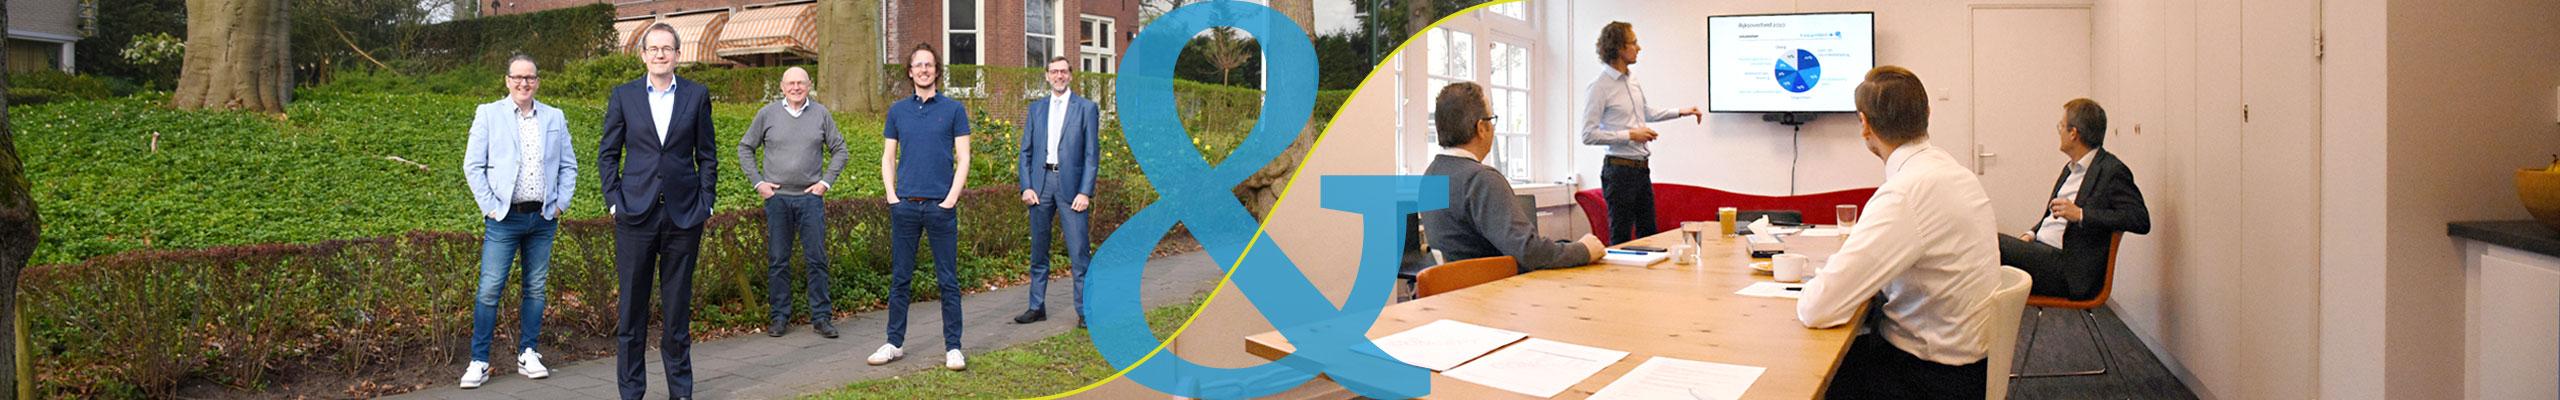 Vennoten Meester & Kuiper Accountants en belastingadviseurs Hilversum